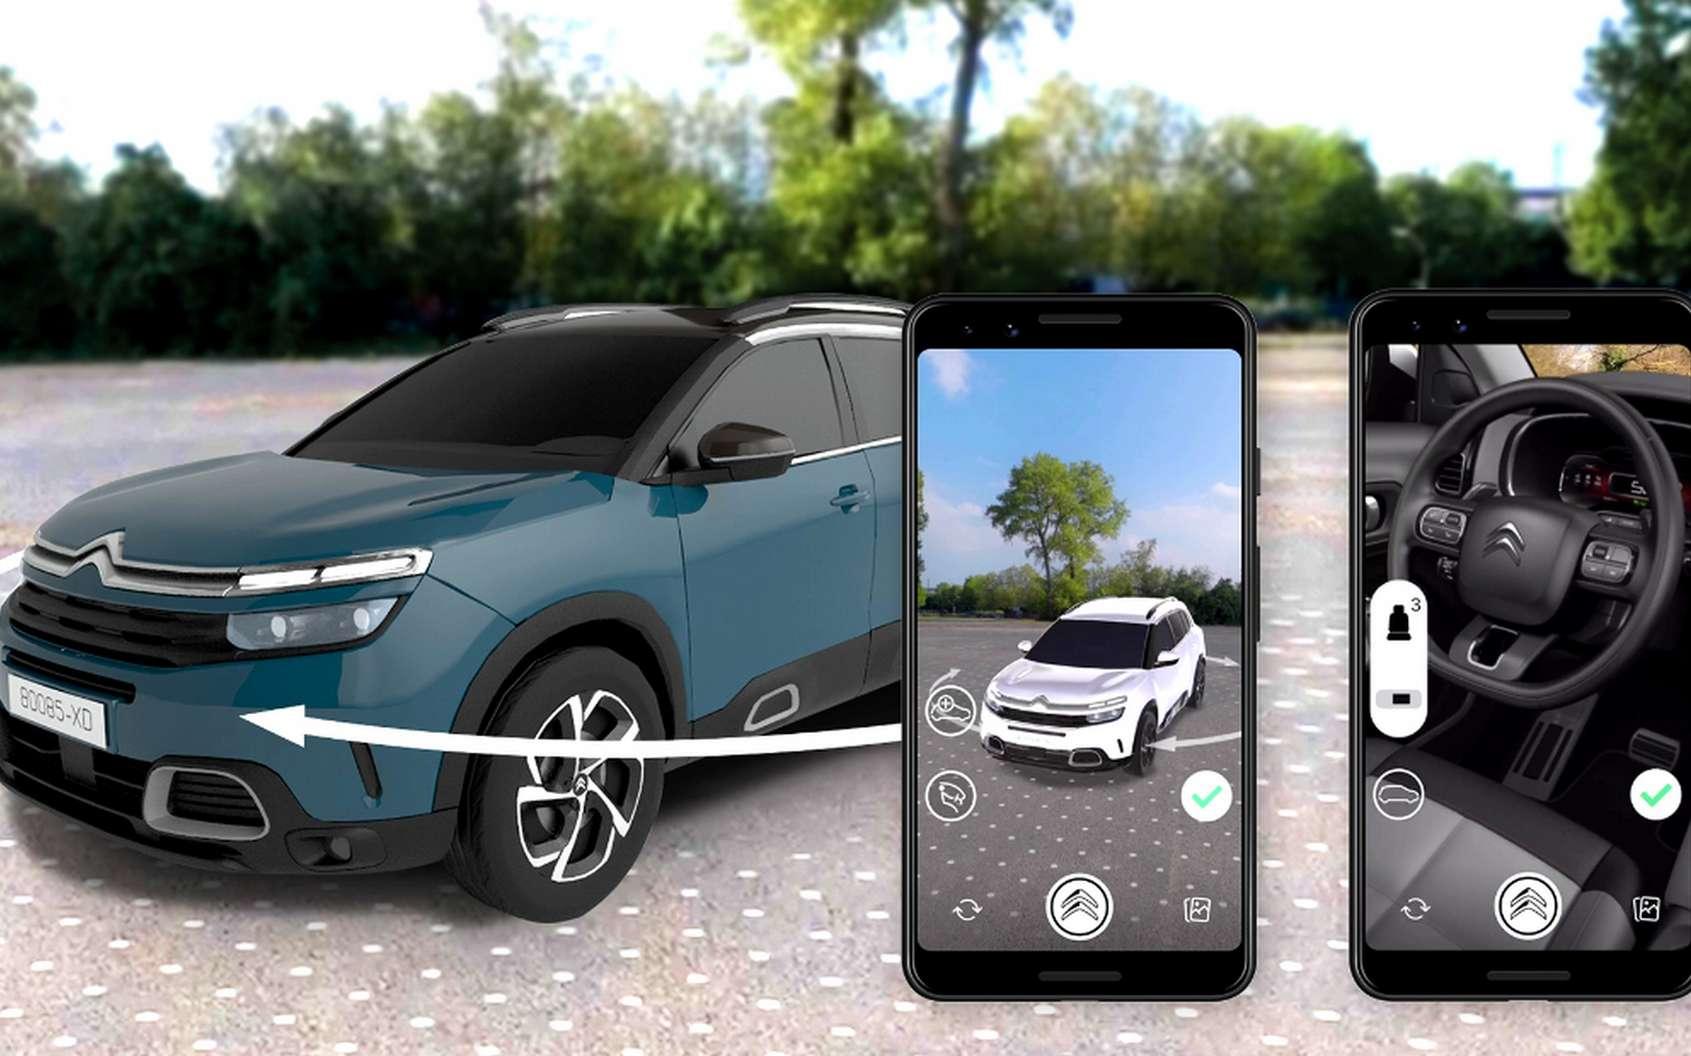 Le configurateur en réalité virtuelle de Citroën sur Facebook Messenger. © Citroën